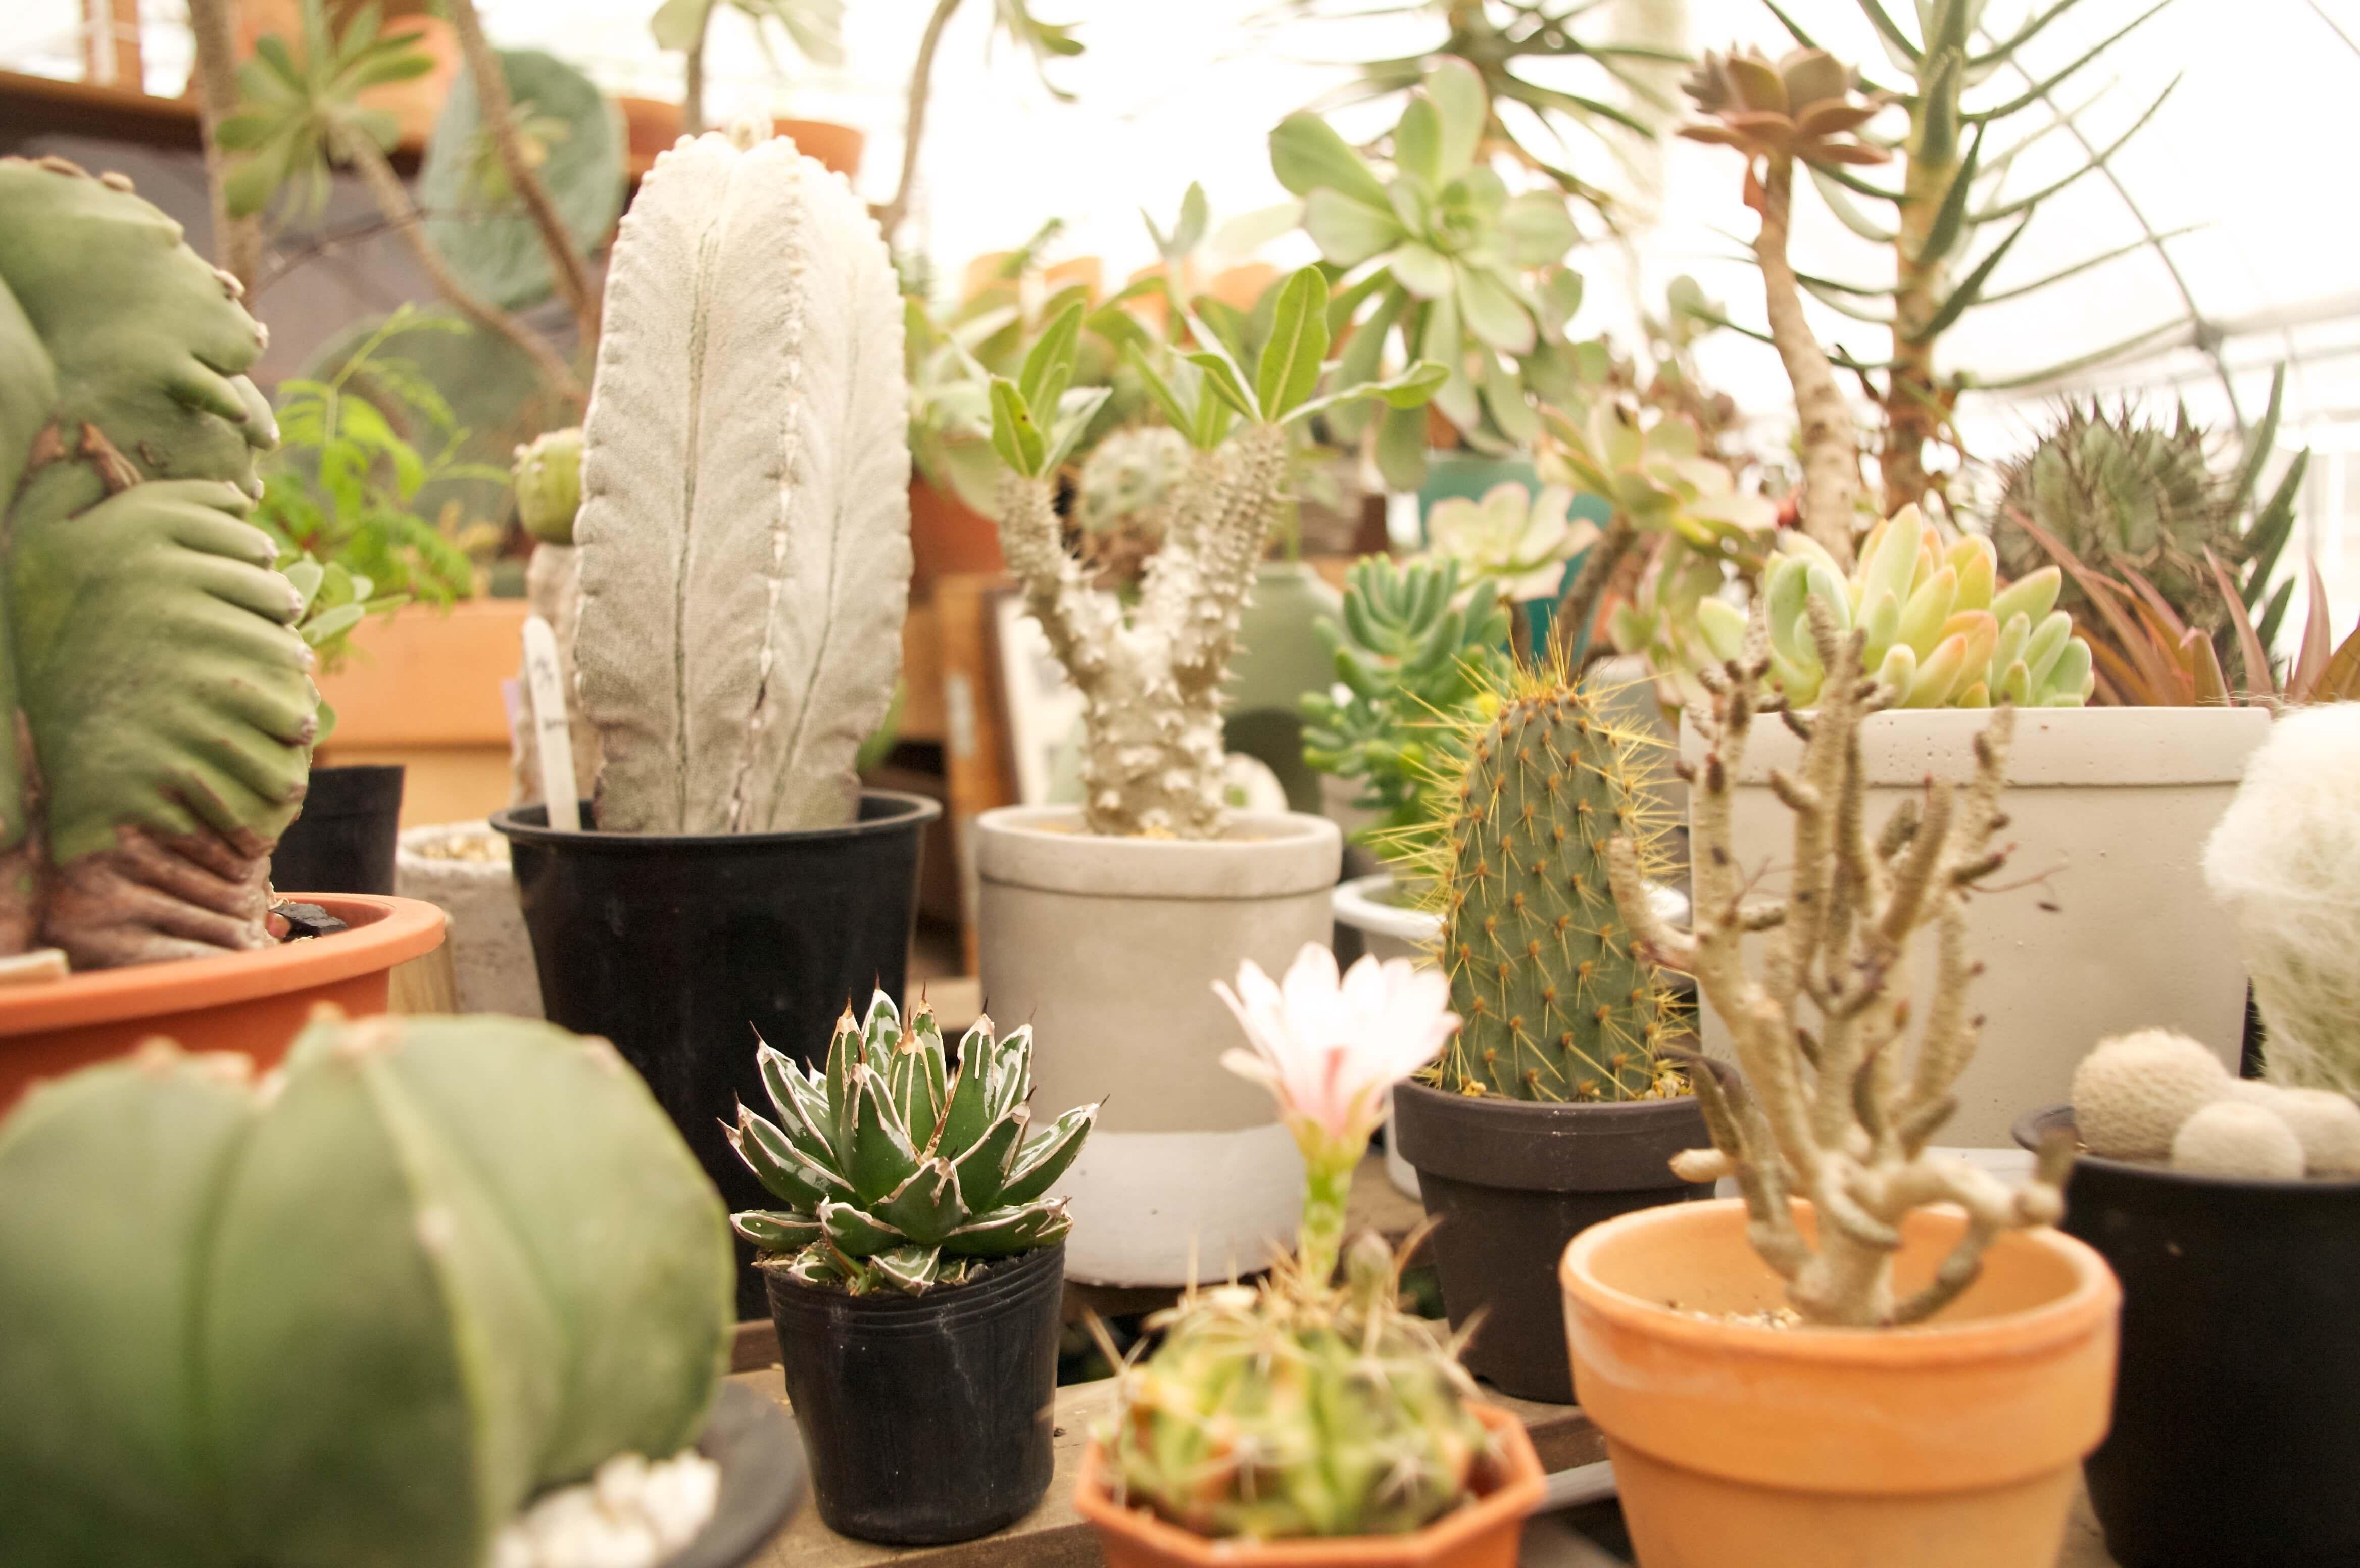 サボテンや多肉植物、観葉植物ショップ.jpg